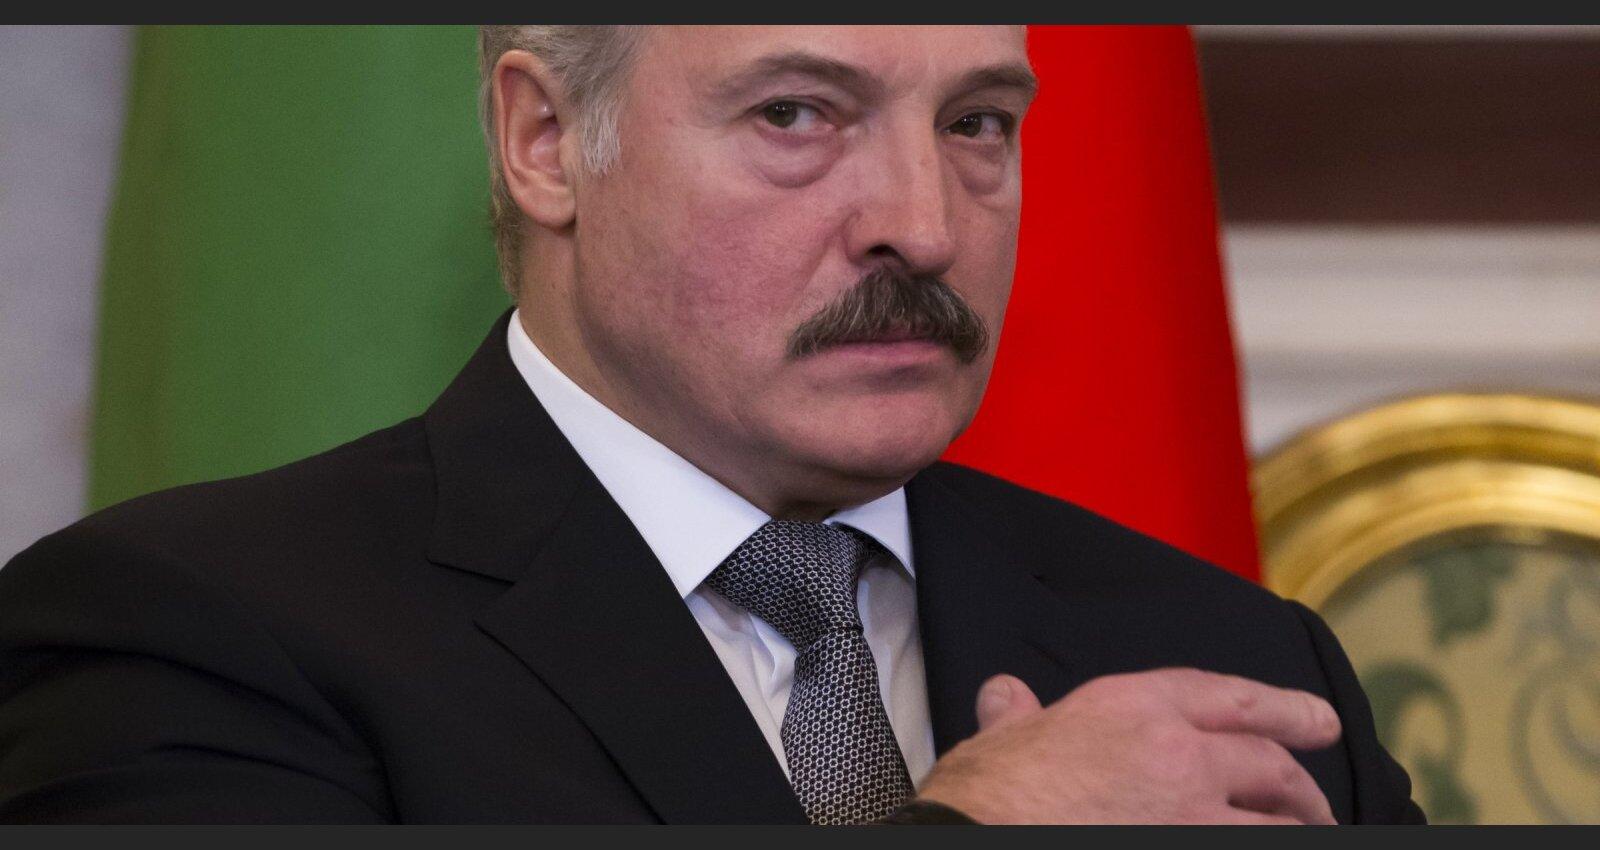 Vai eksistē Lukašenko 'nāves vienība'? Kā savulaik bez pēdām izgaisa prezidenta oponenti